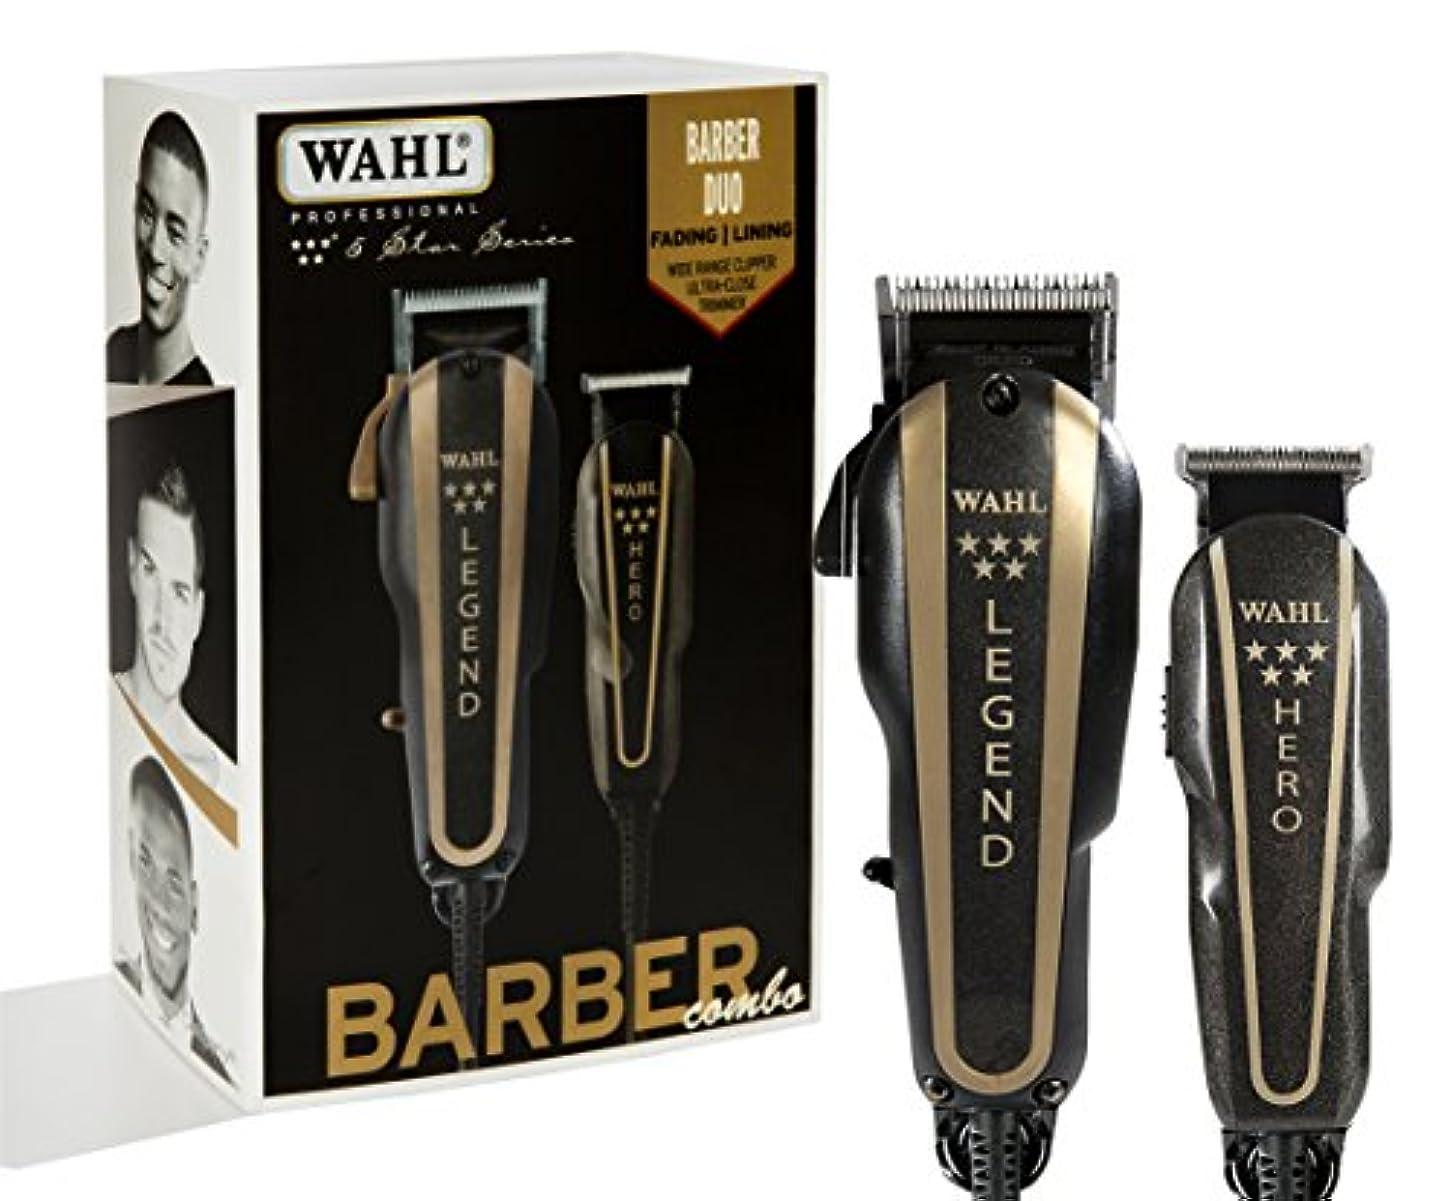 目の前の技術者邪魔するWAHL Professional 5 Star Series Barber Combo No. 8180